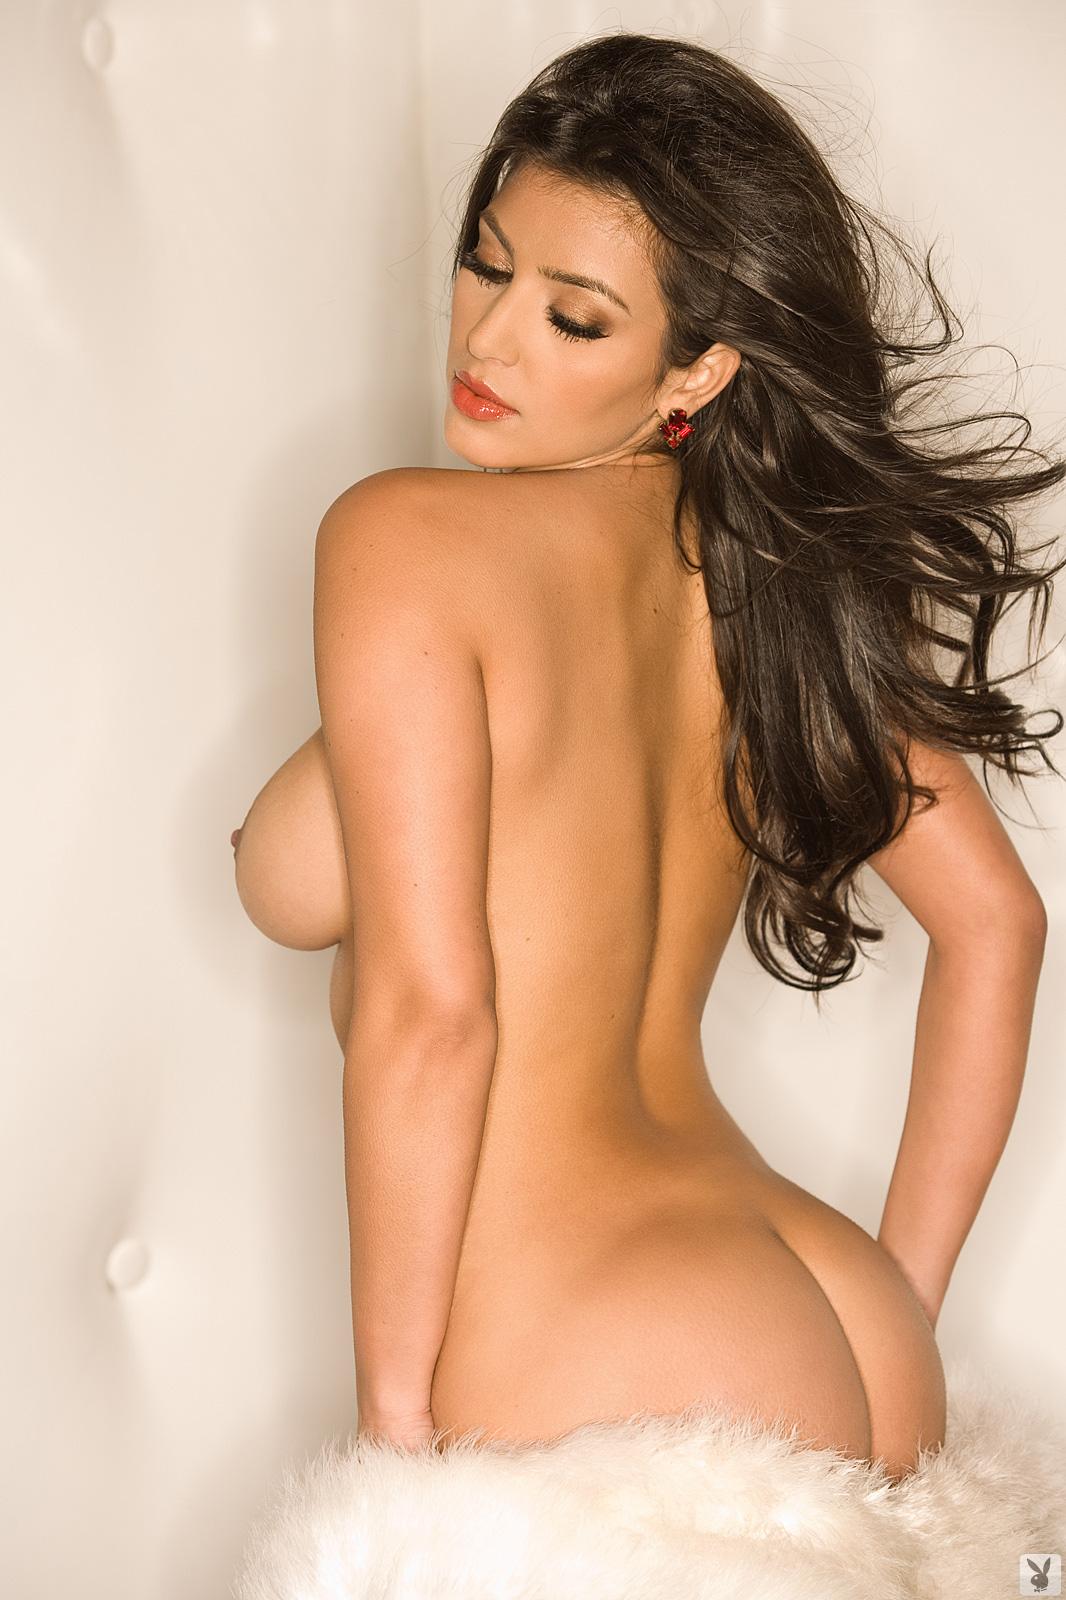 bangladeshi girls naked pictures